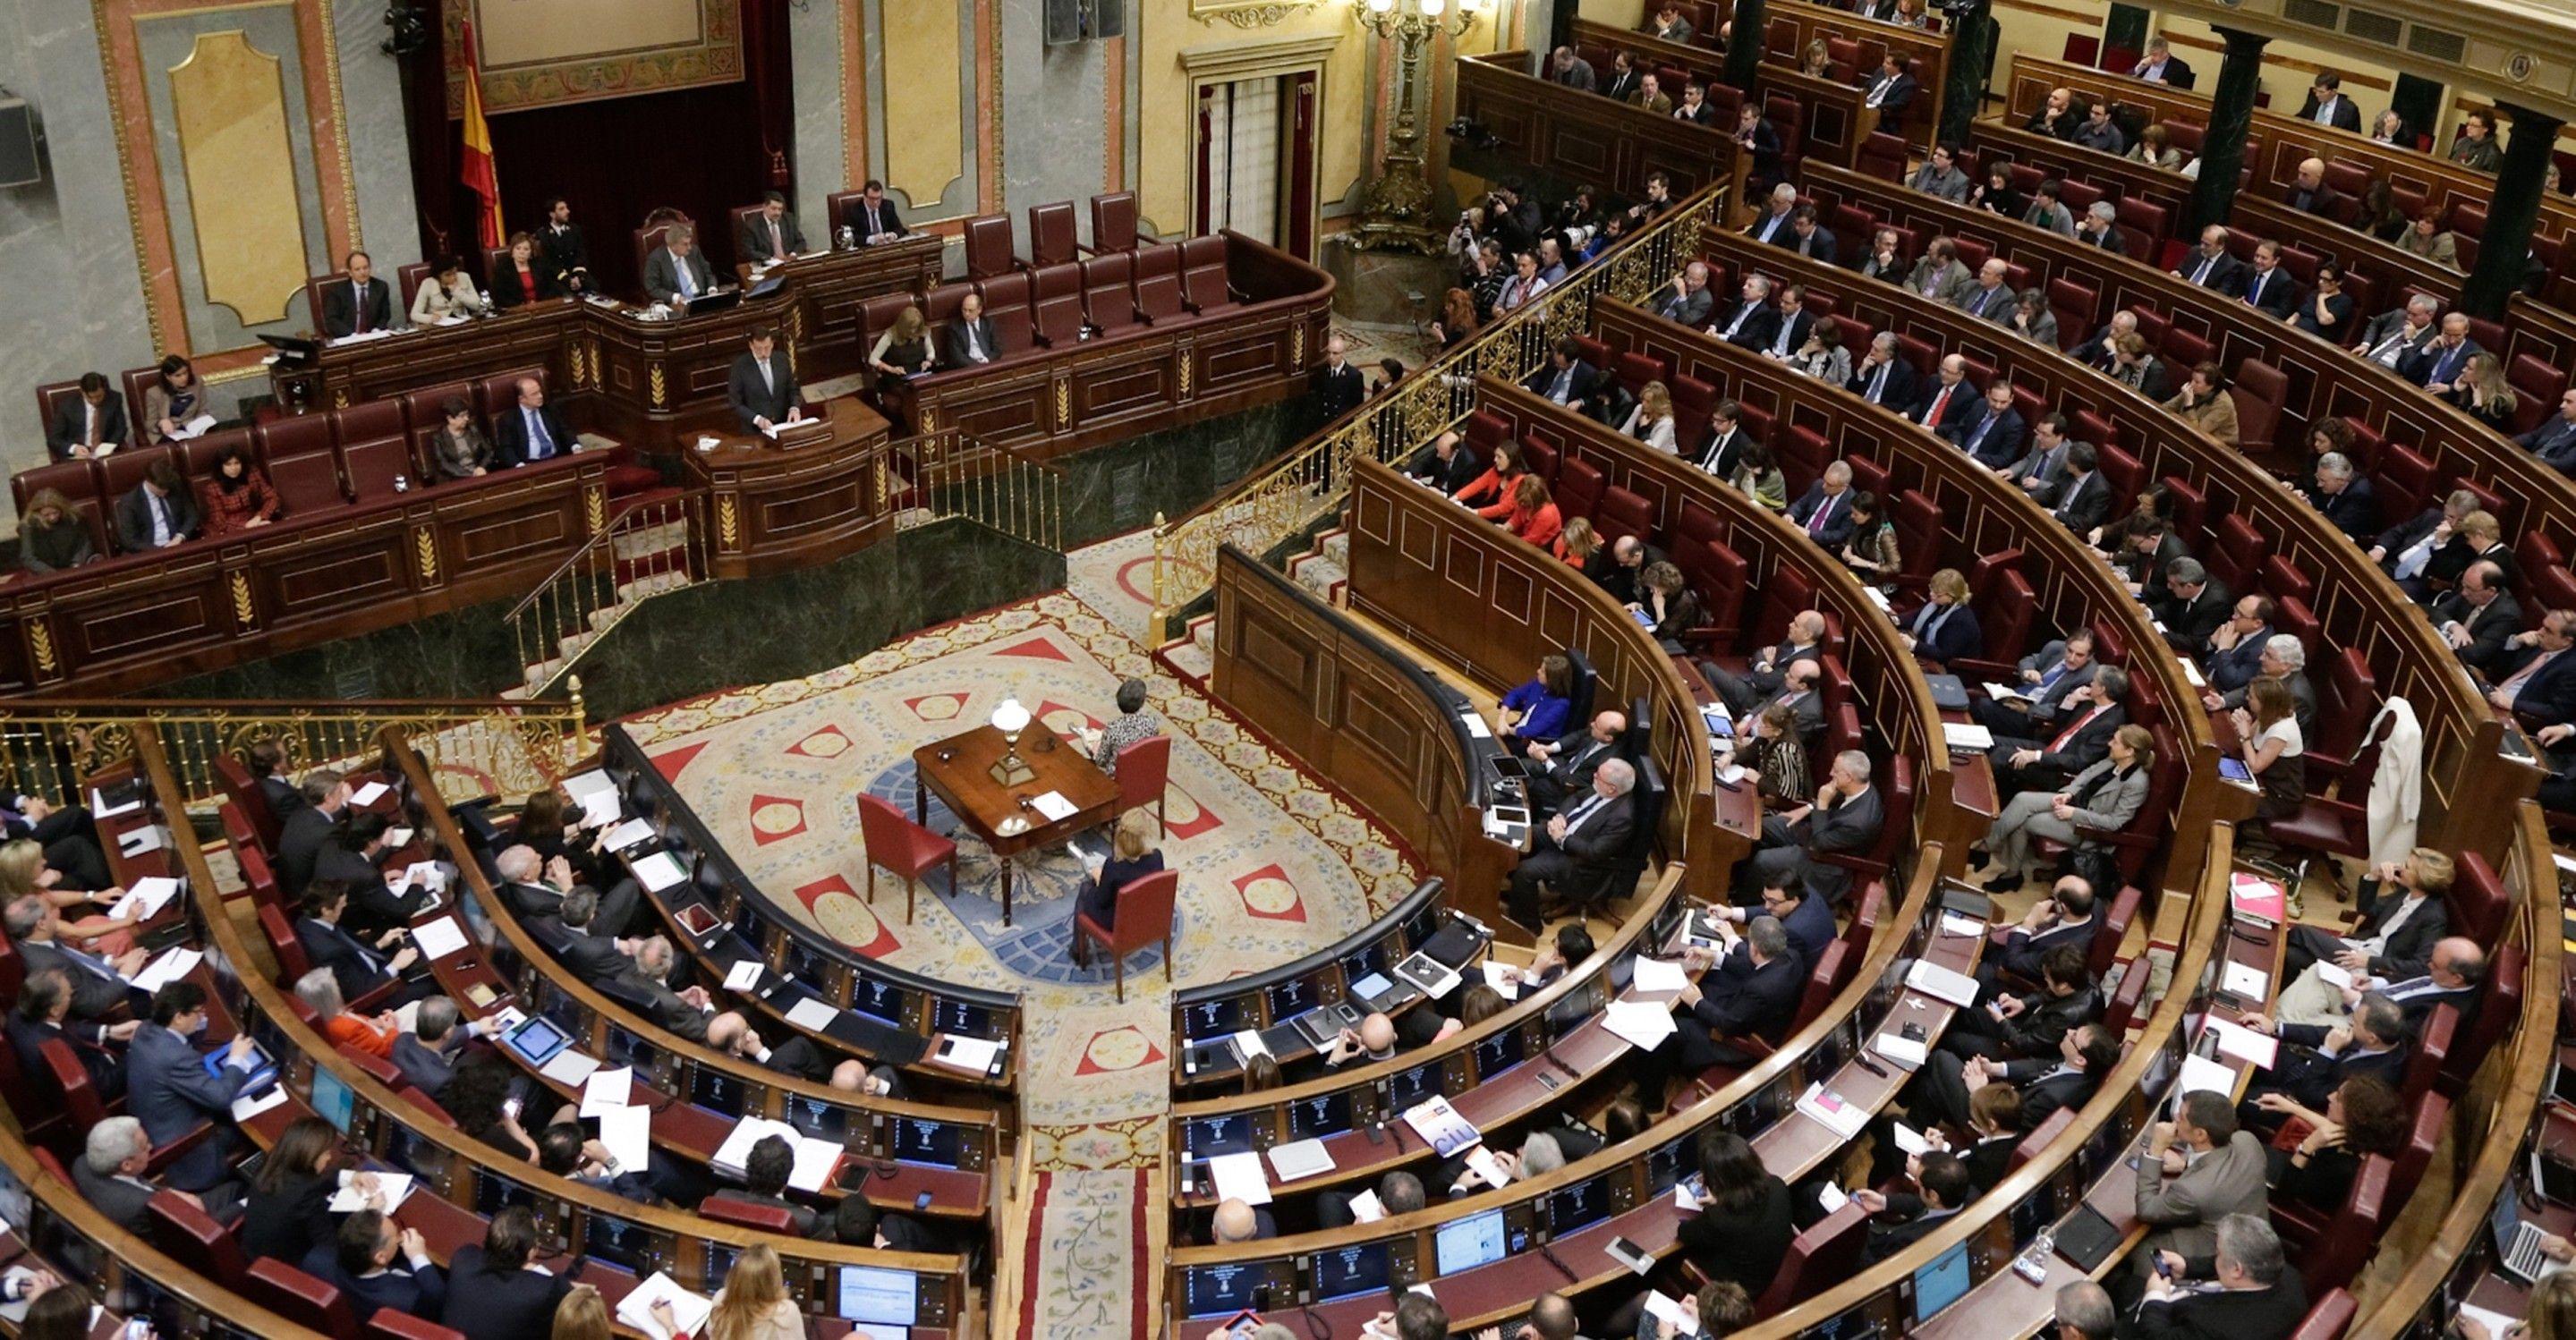 13548 - ¿Cuáles son nuestras opiniones sobre la actual situación política de España?